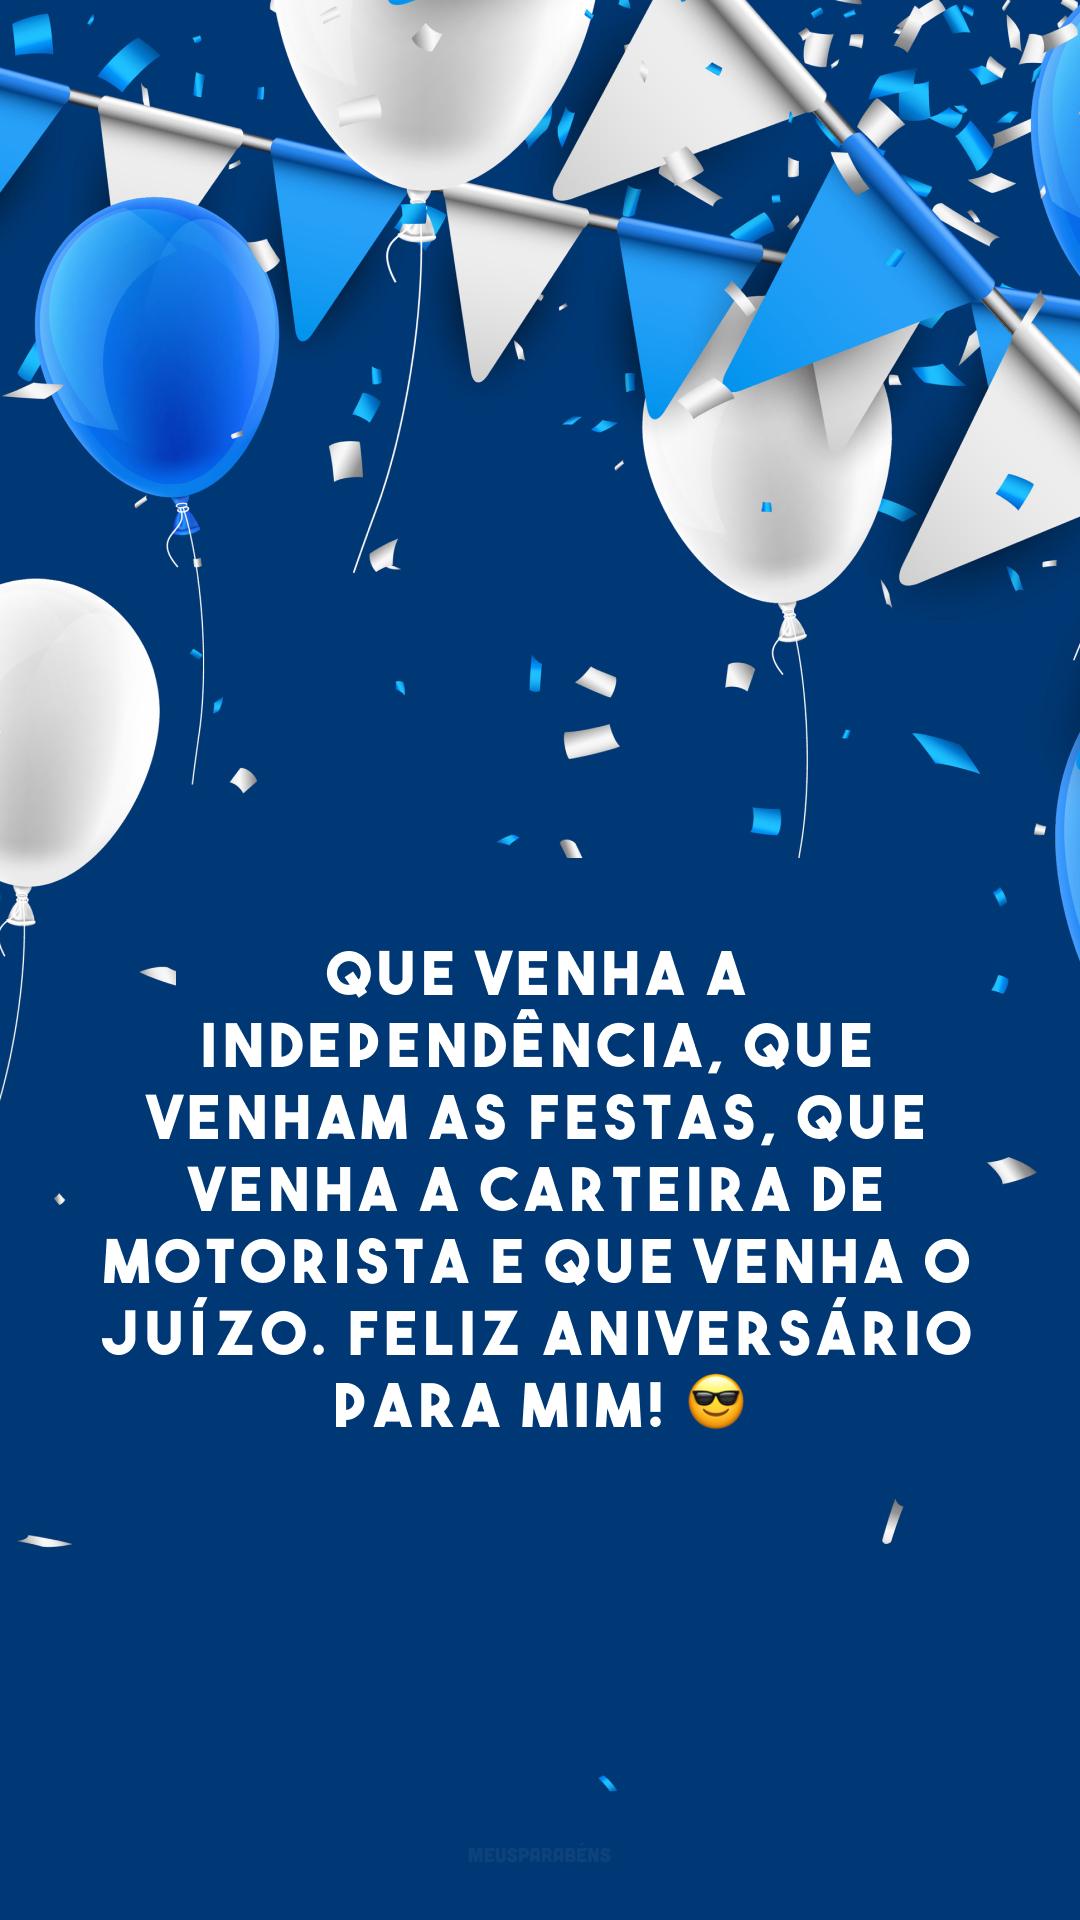 Que venha a independência, que venham as festas, que venha a carteira de motorista e que venha o juízo. Feliz aniversário para mim! 😎